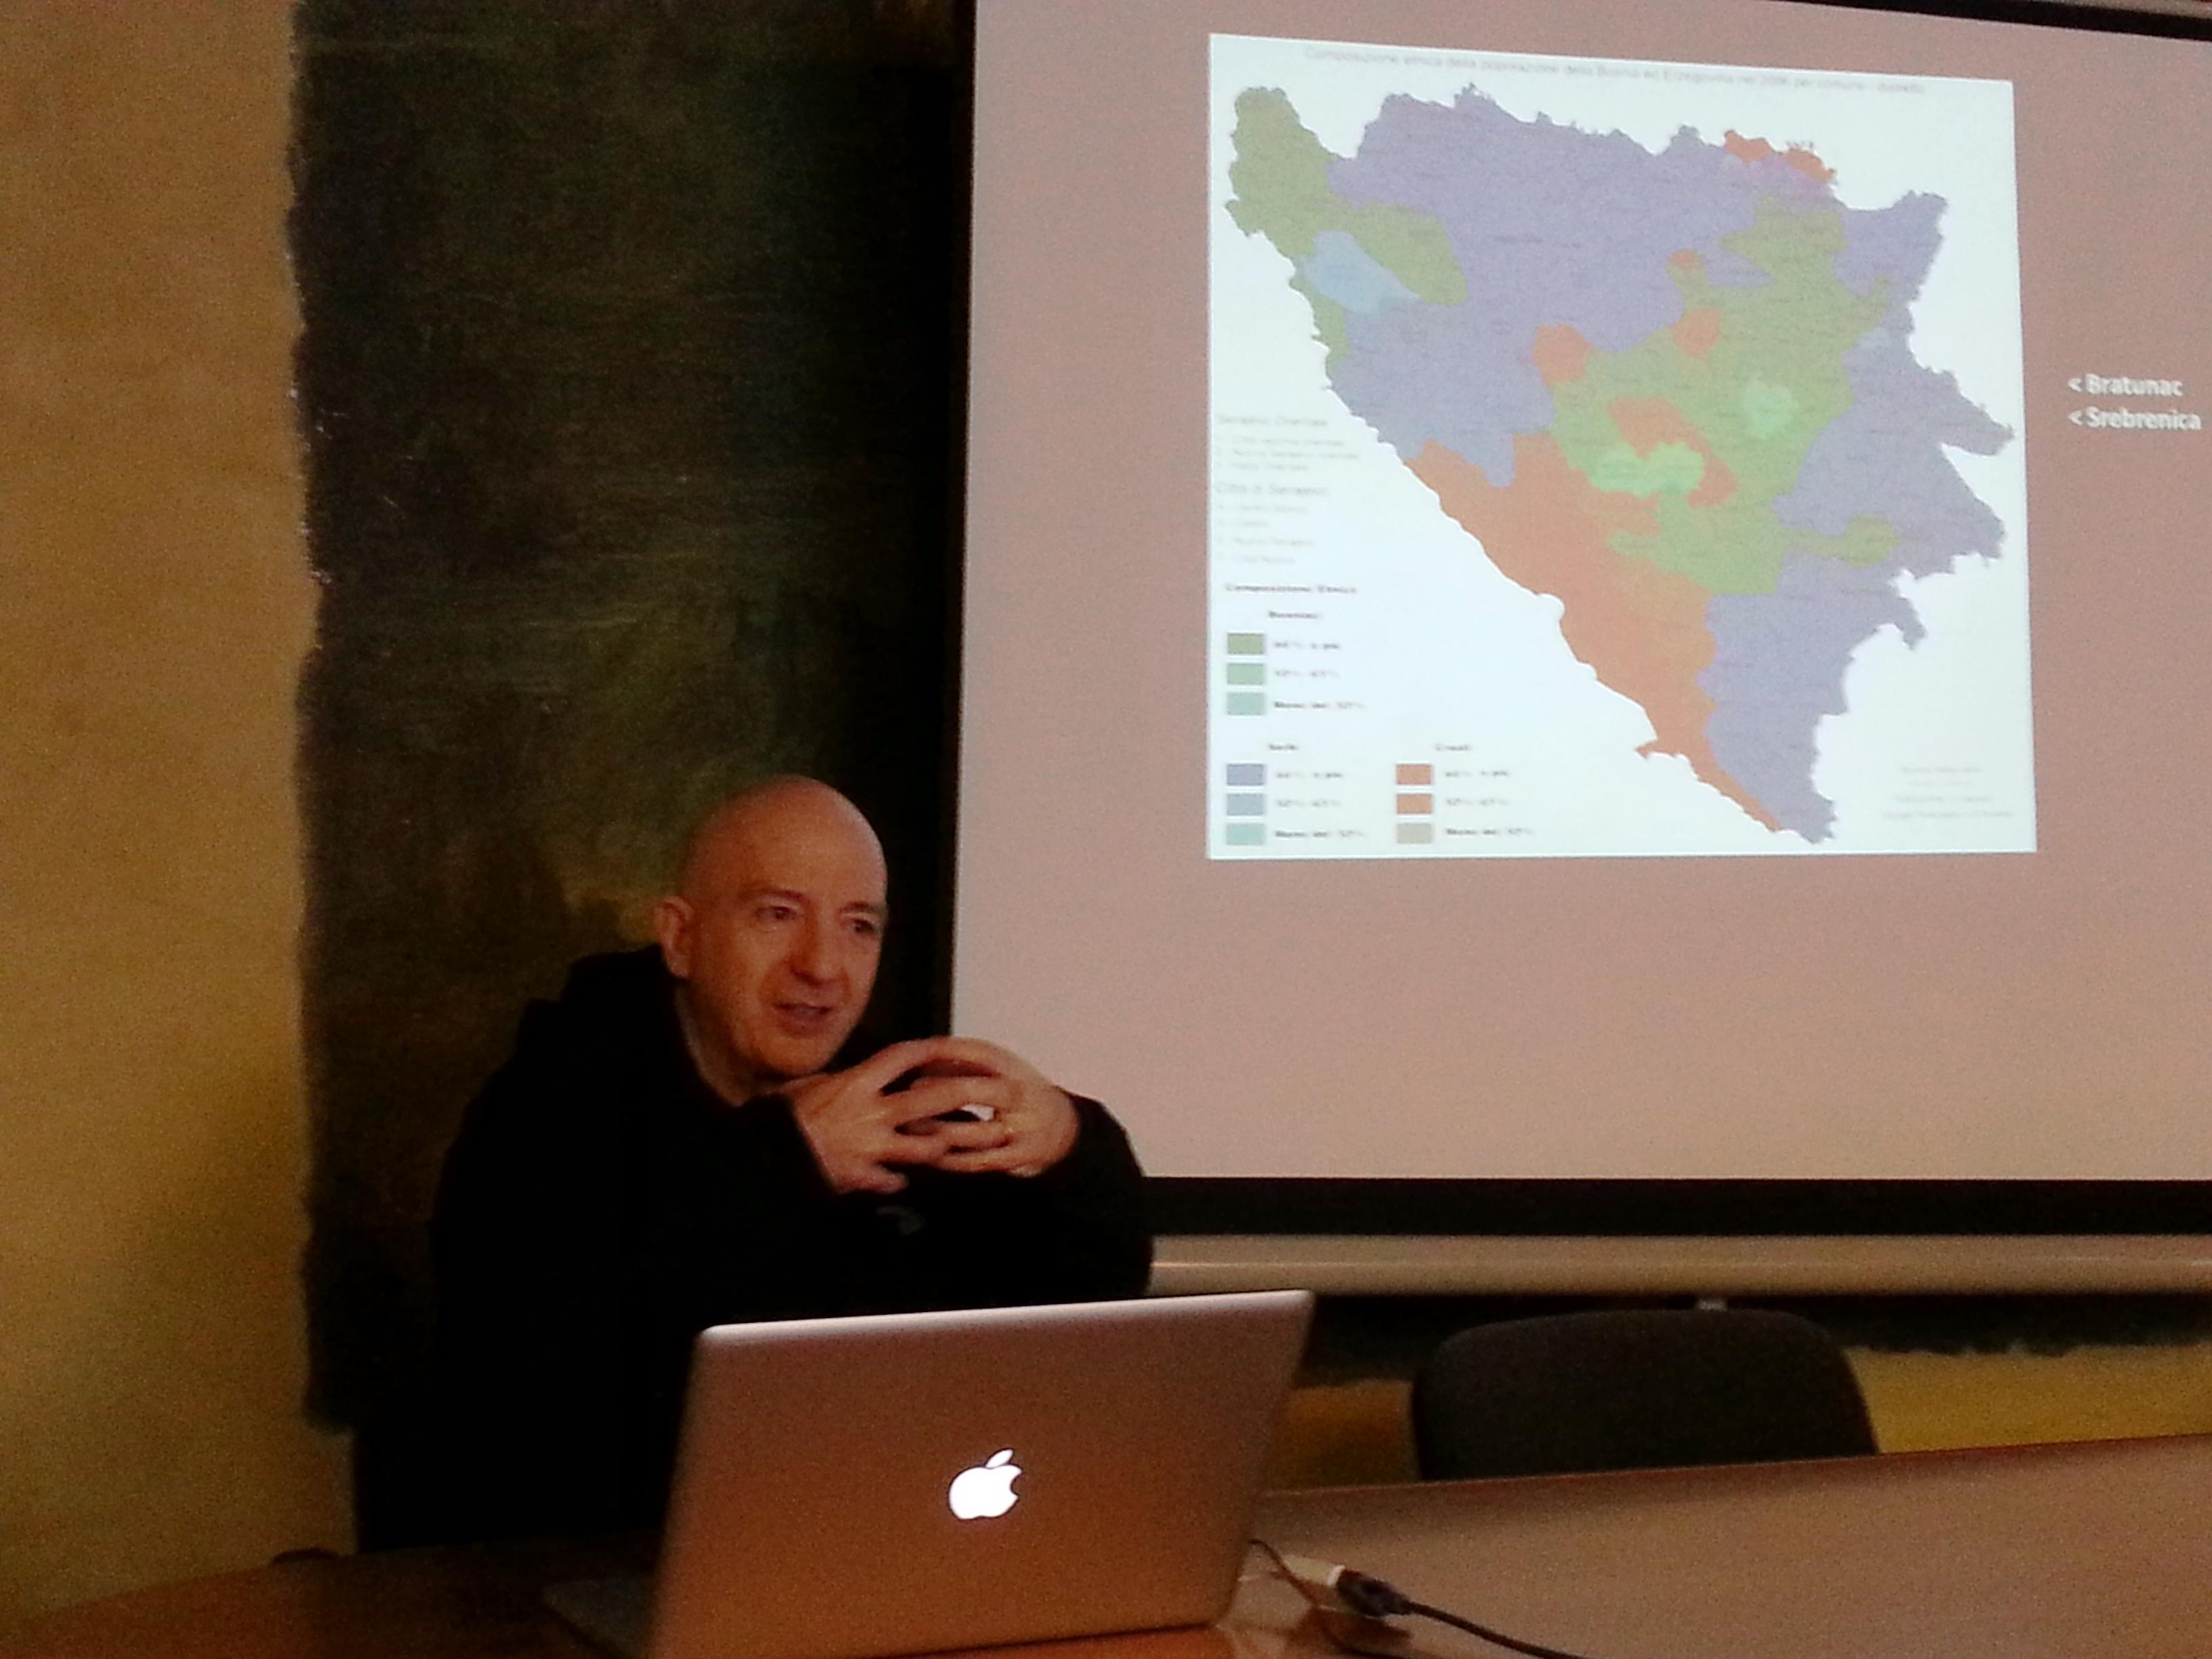 La Storia e le storie. Mario Boccia racconta la sua esperienza di report ai giovani di Rondine